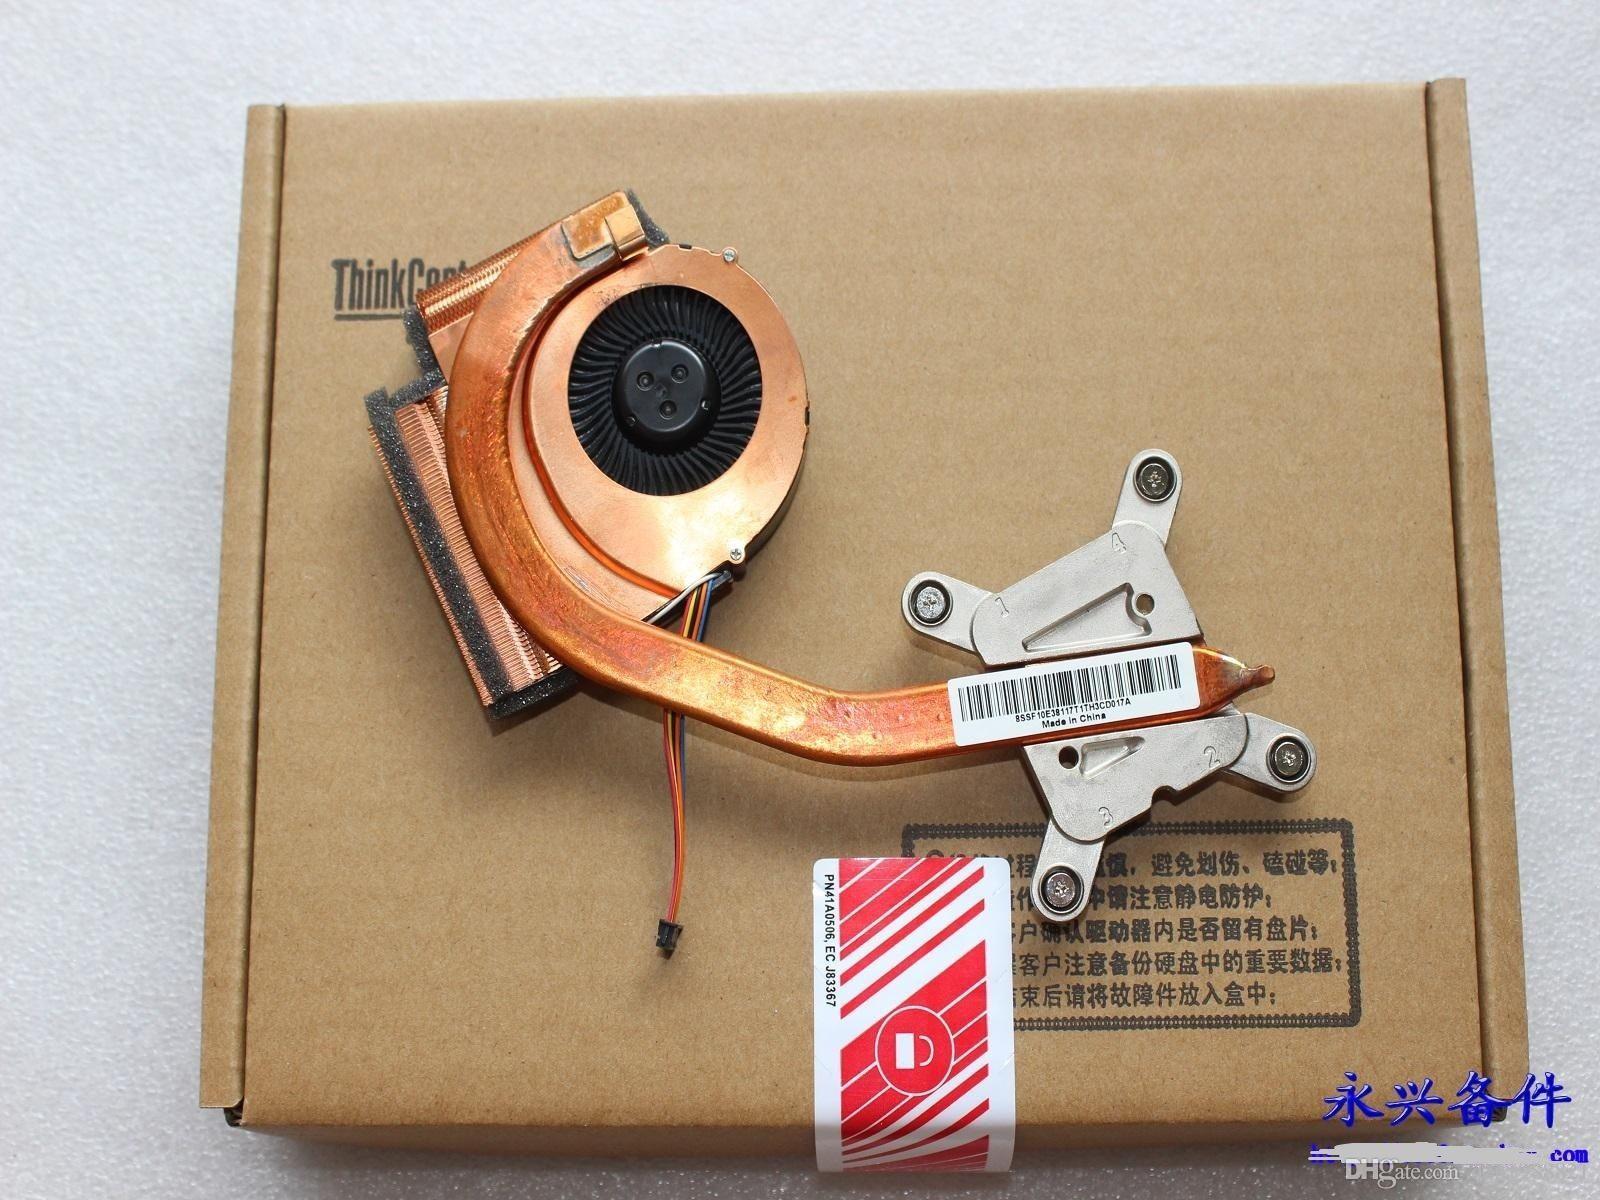 레노버 씽크 패드 T430 T430i CPU 쿨러 (냉각기 포함) 04X3787 04W3267 0B41086